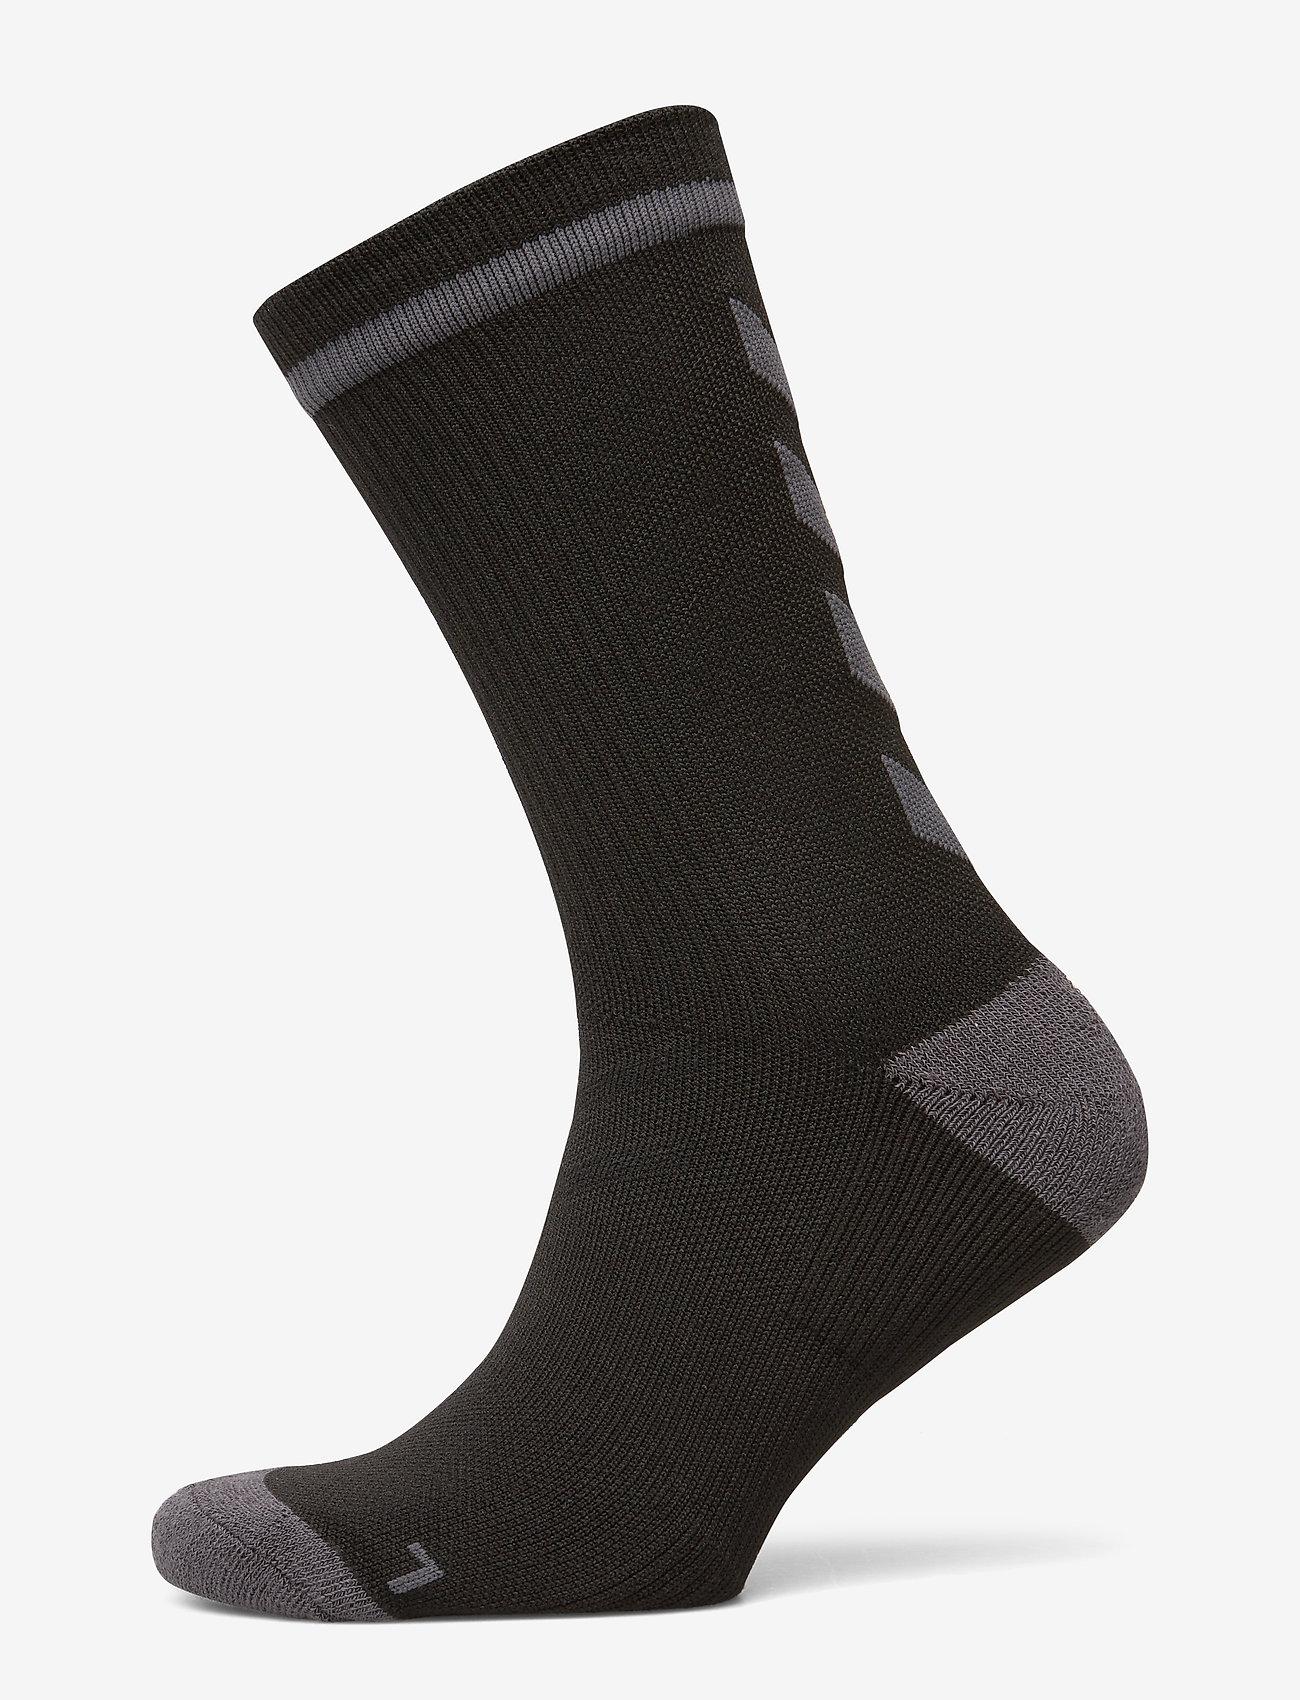 Hummel - ELITE INDOOR SOCK LOW - fodboldsokker - black/asphalt - 0